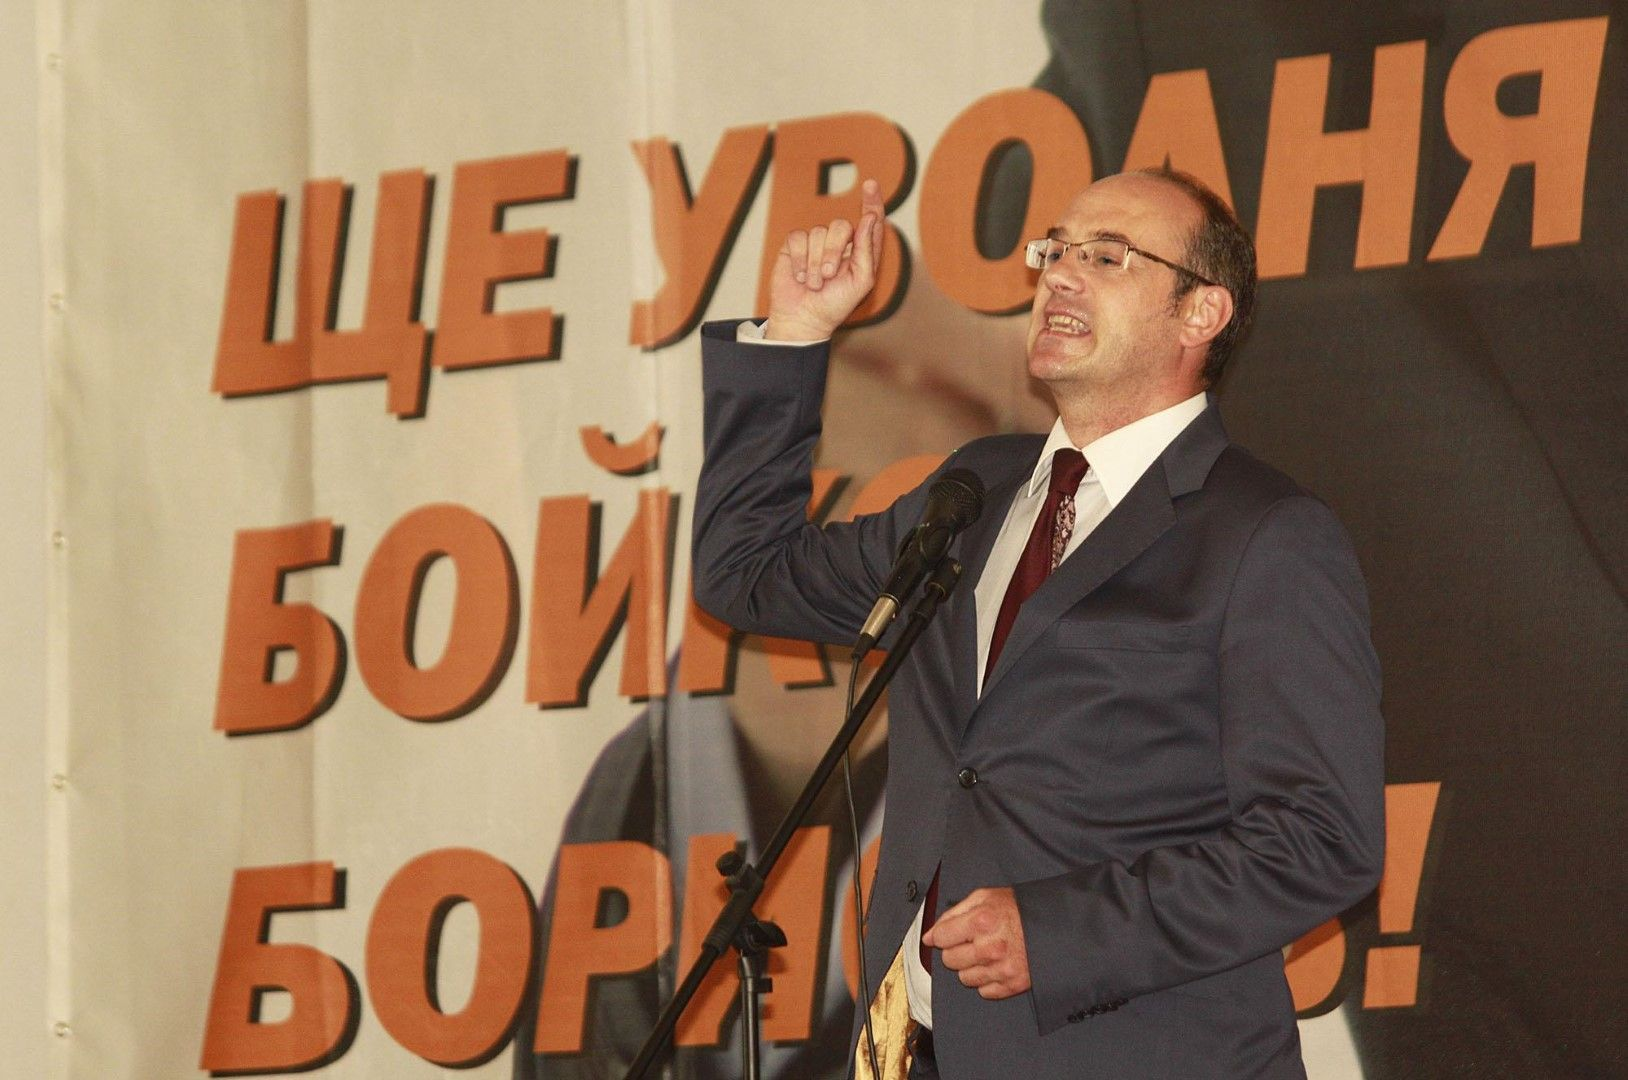 През 2011 г. Семов беше кандидат-президент на РЗС и се заканваше да уволни Бойко Борисов. По-късно обаче лидерът на партията - Яне Янев, стана съветник на премиера